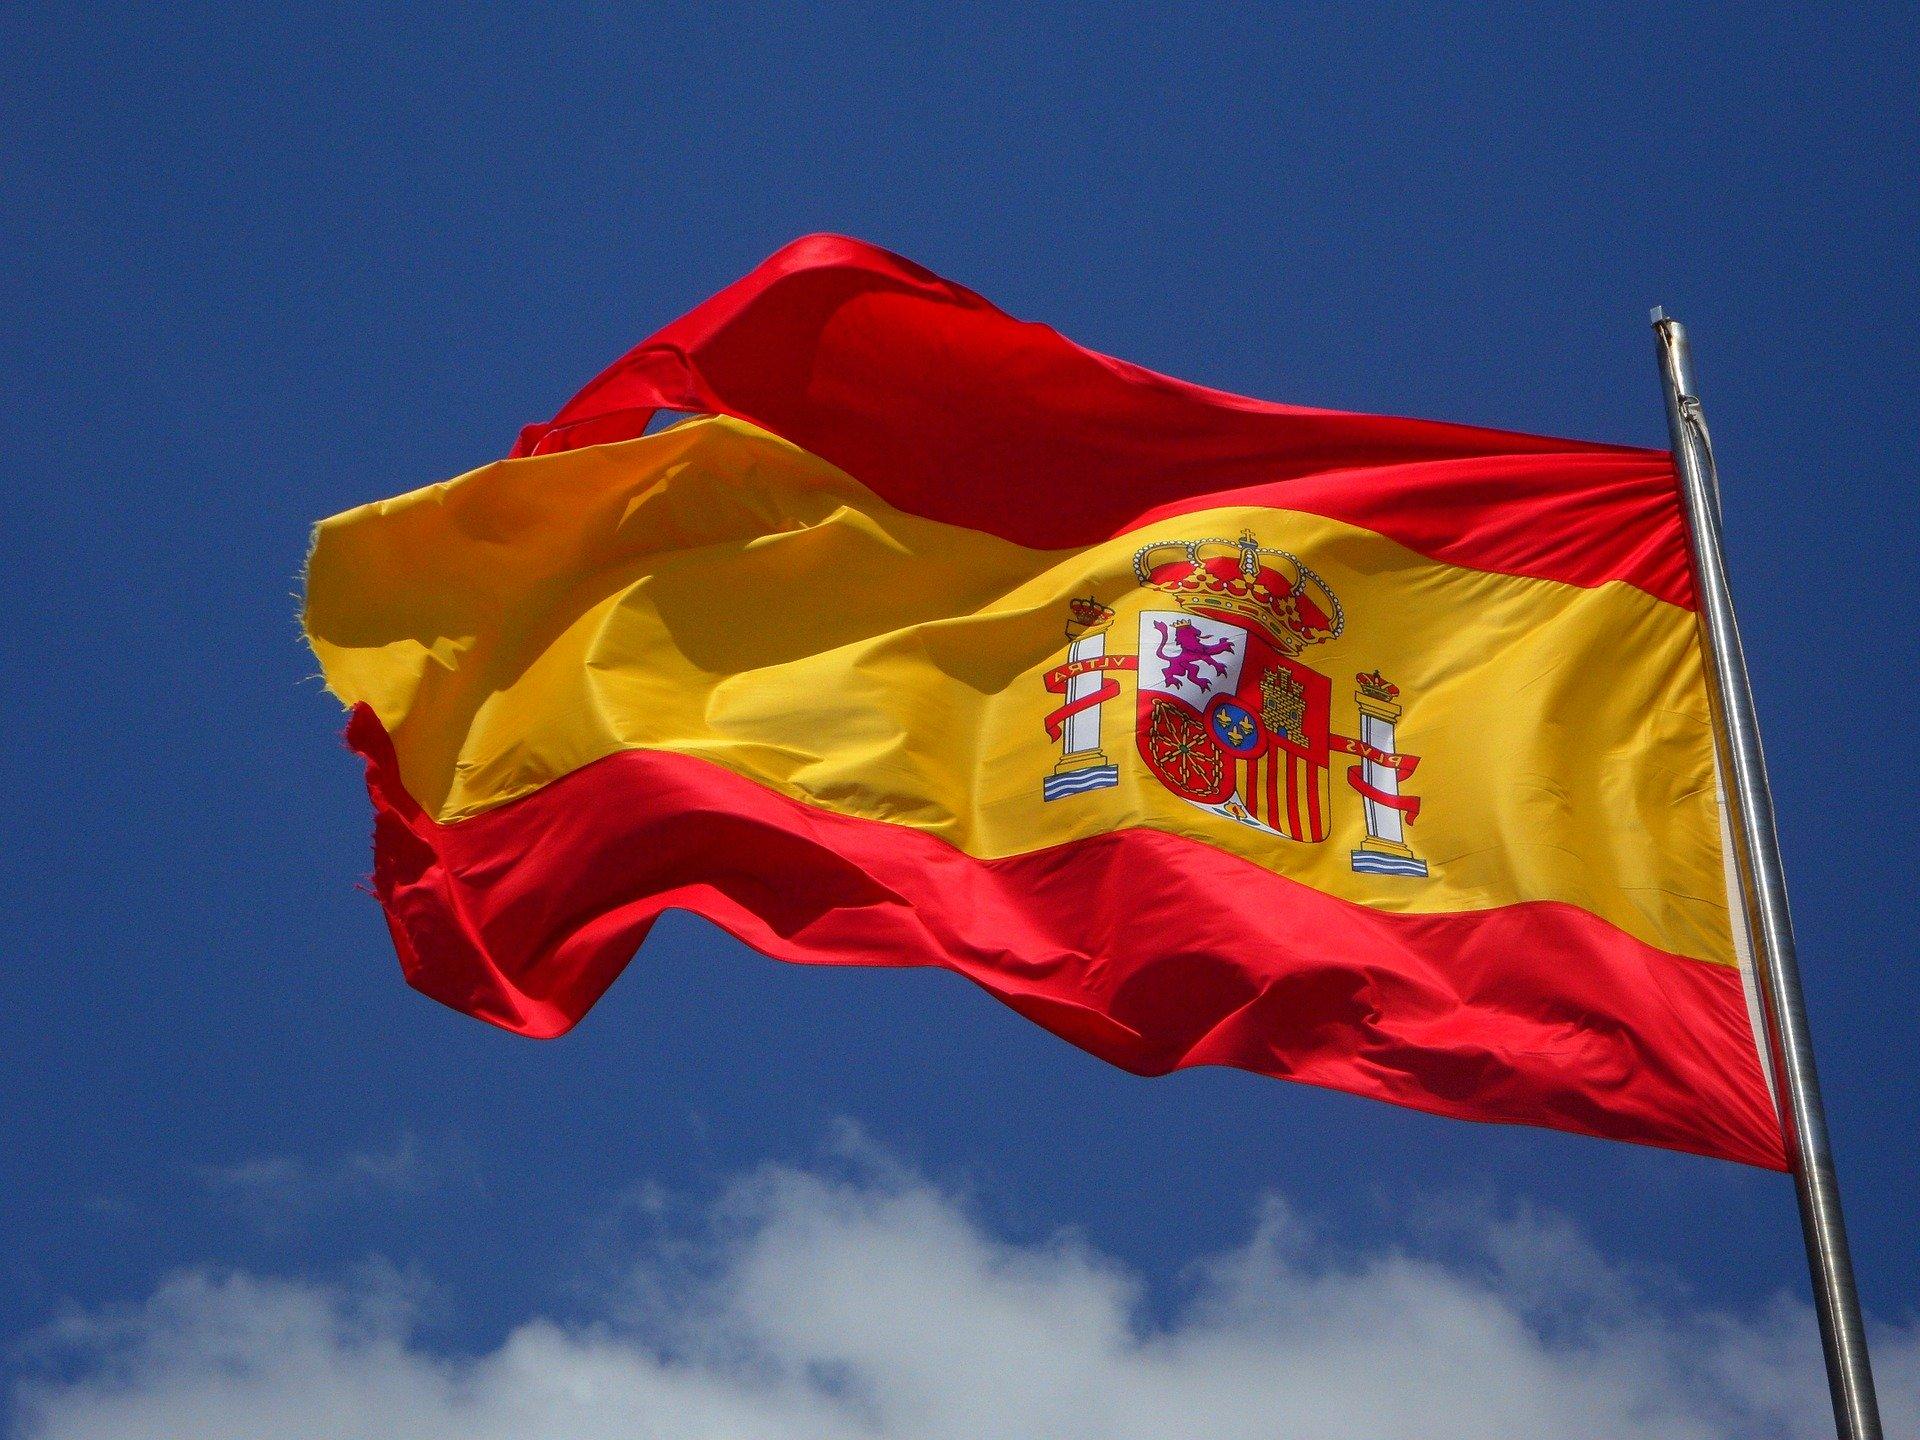 Véget vetne a monarchiát behálózó korrupciónak a spanyol király